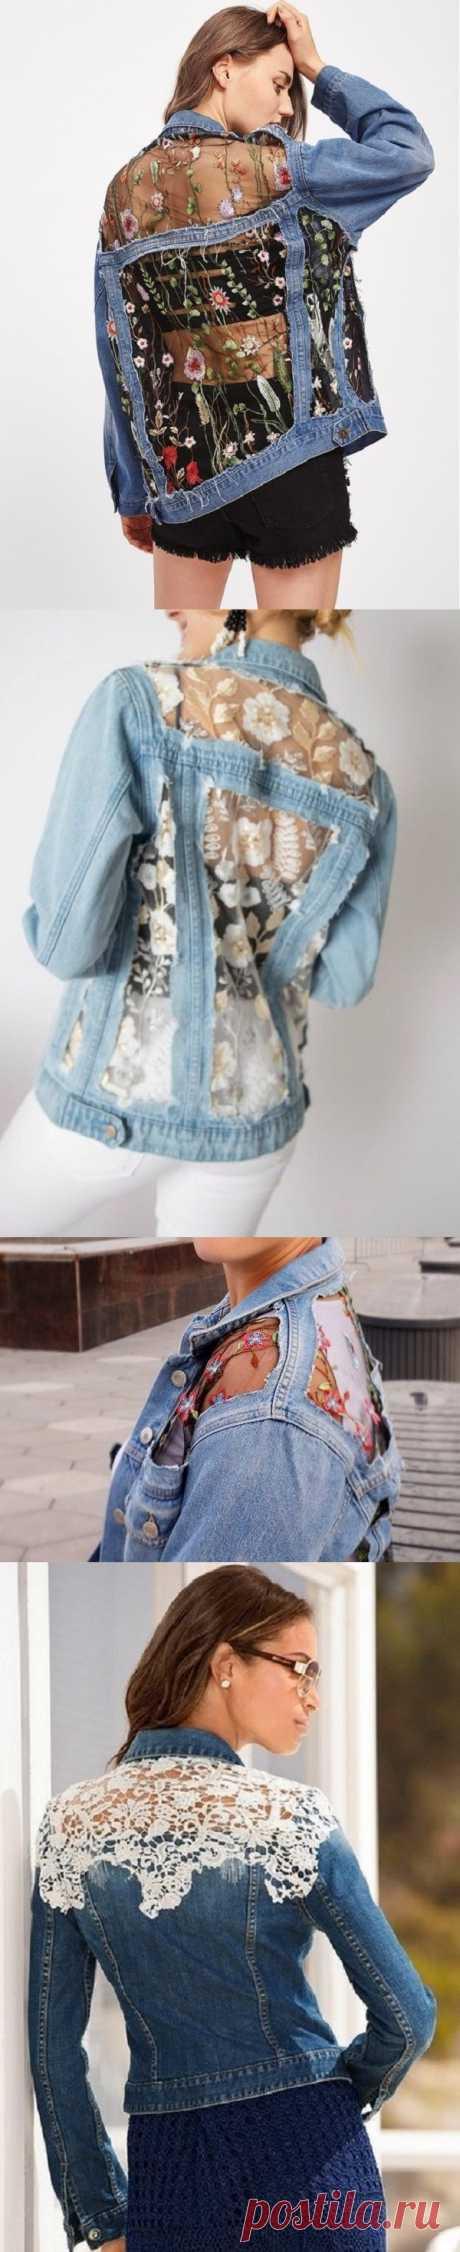 Идеи отделки женских джинсовых курток